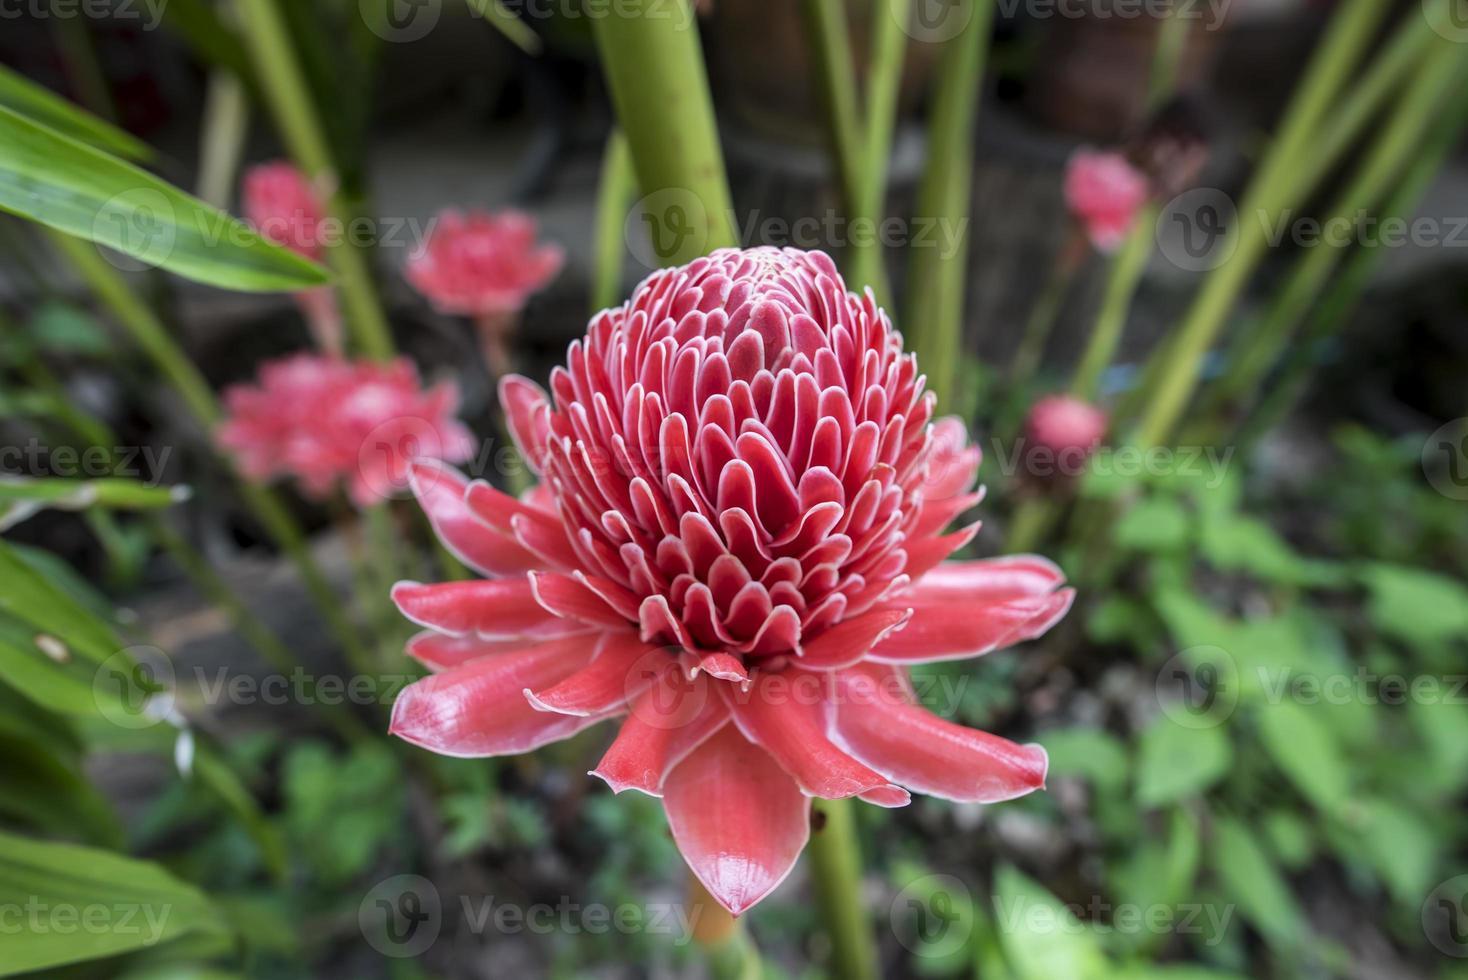 tropische rote Blume von Etlingera elatior. foto